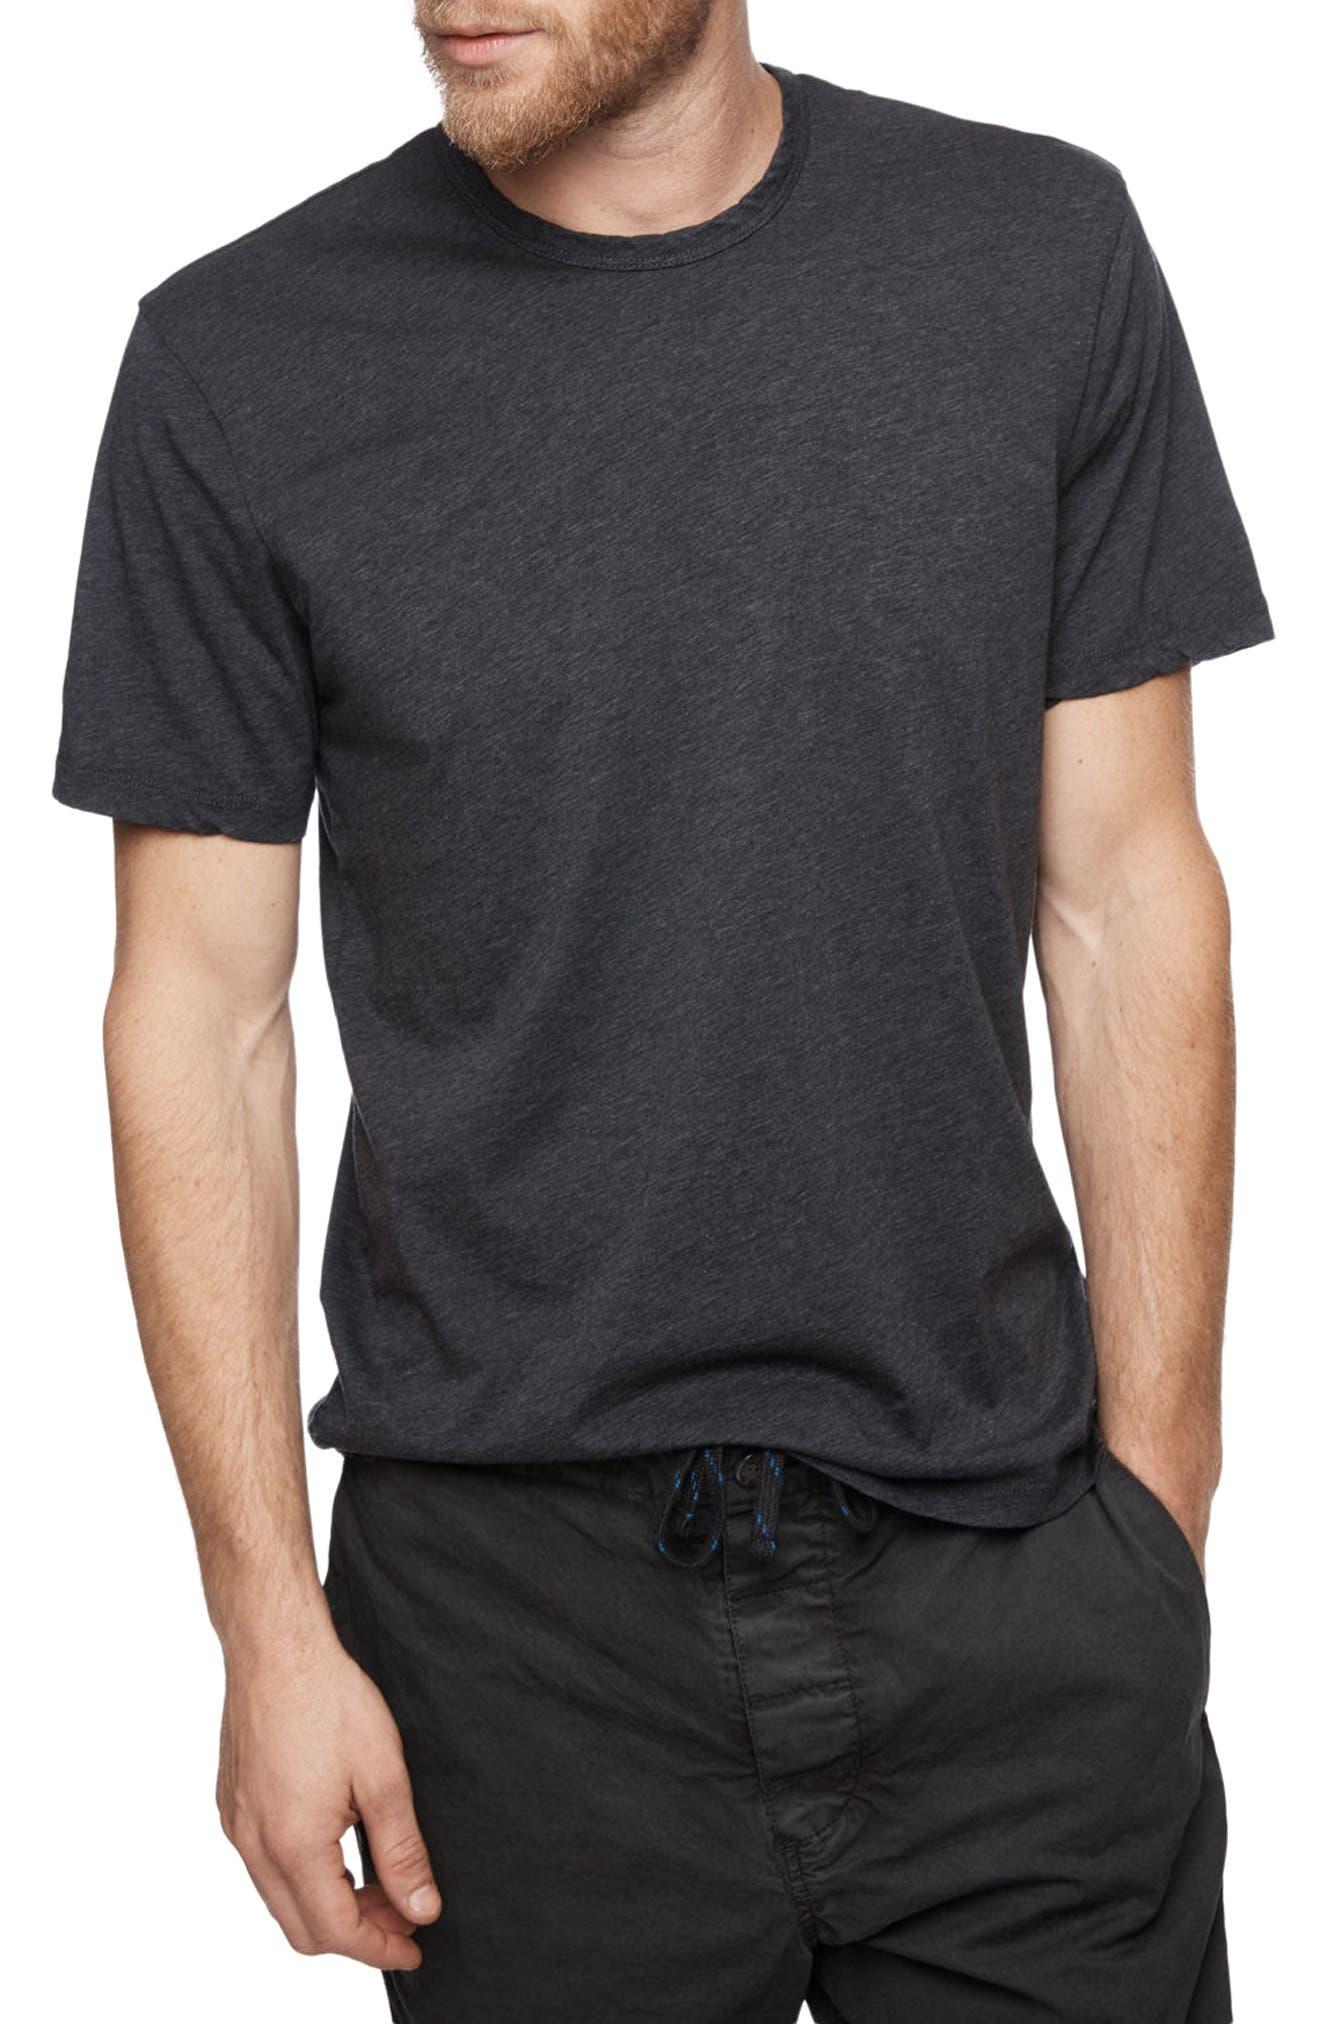 James Perse Clean Crewneck Cotton & Cashmere T-Shirt